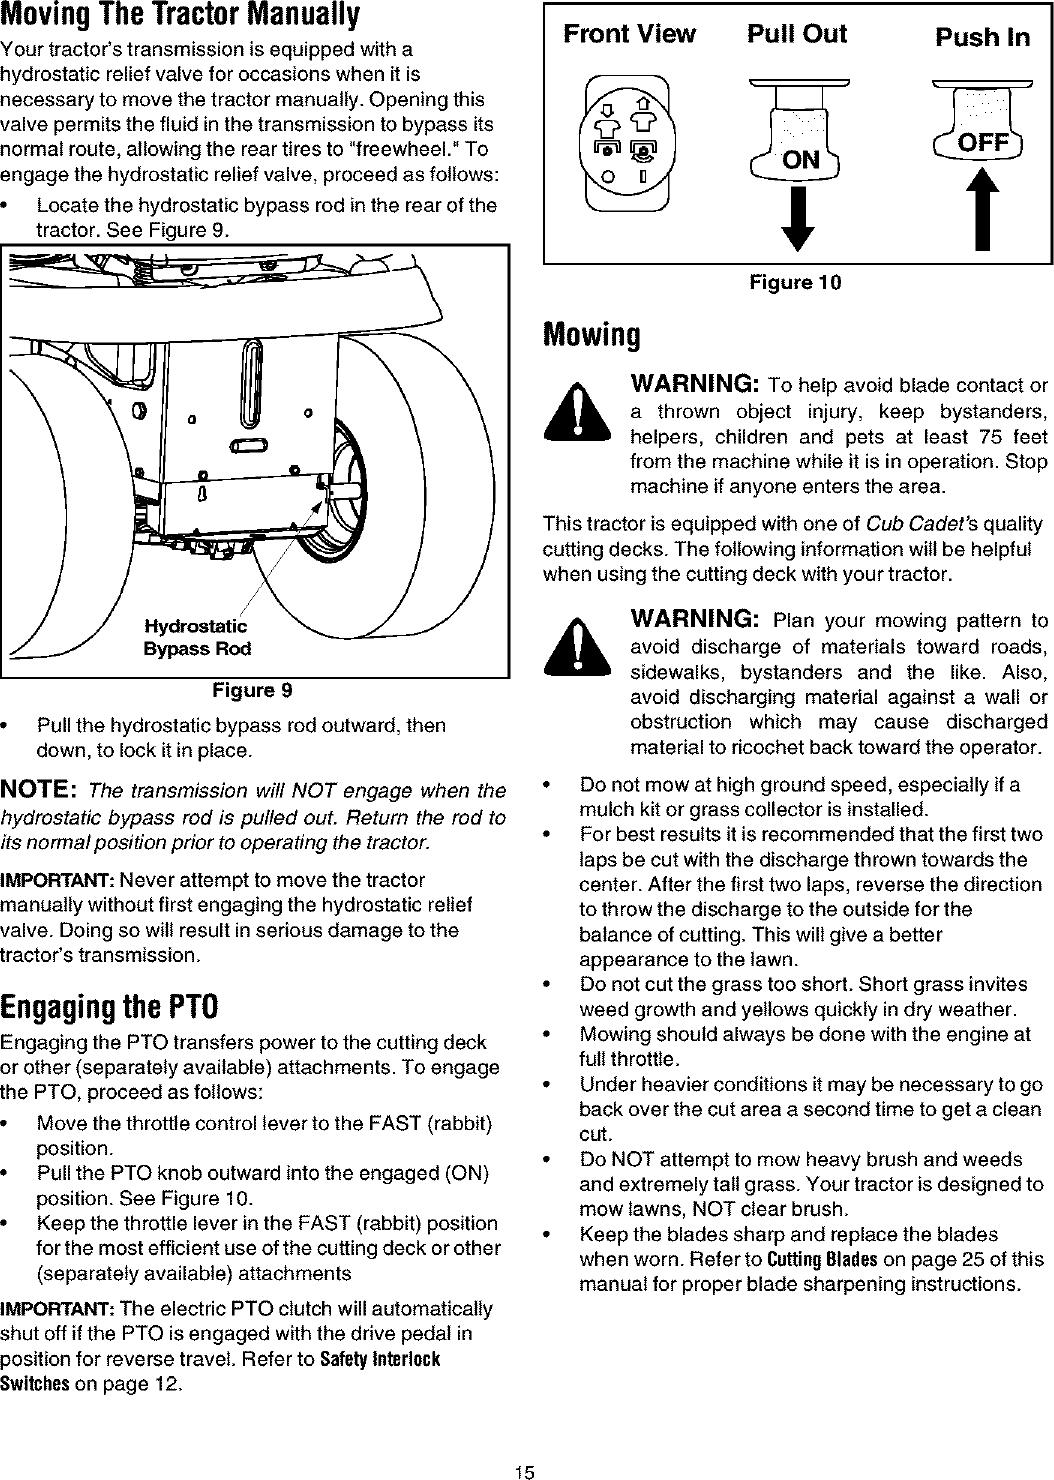 CUB CADET Lawn, Tractor Manual L0403367